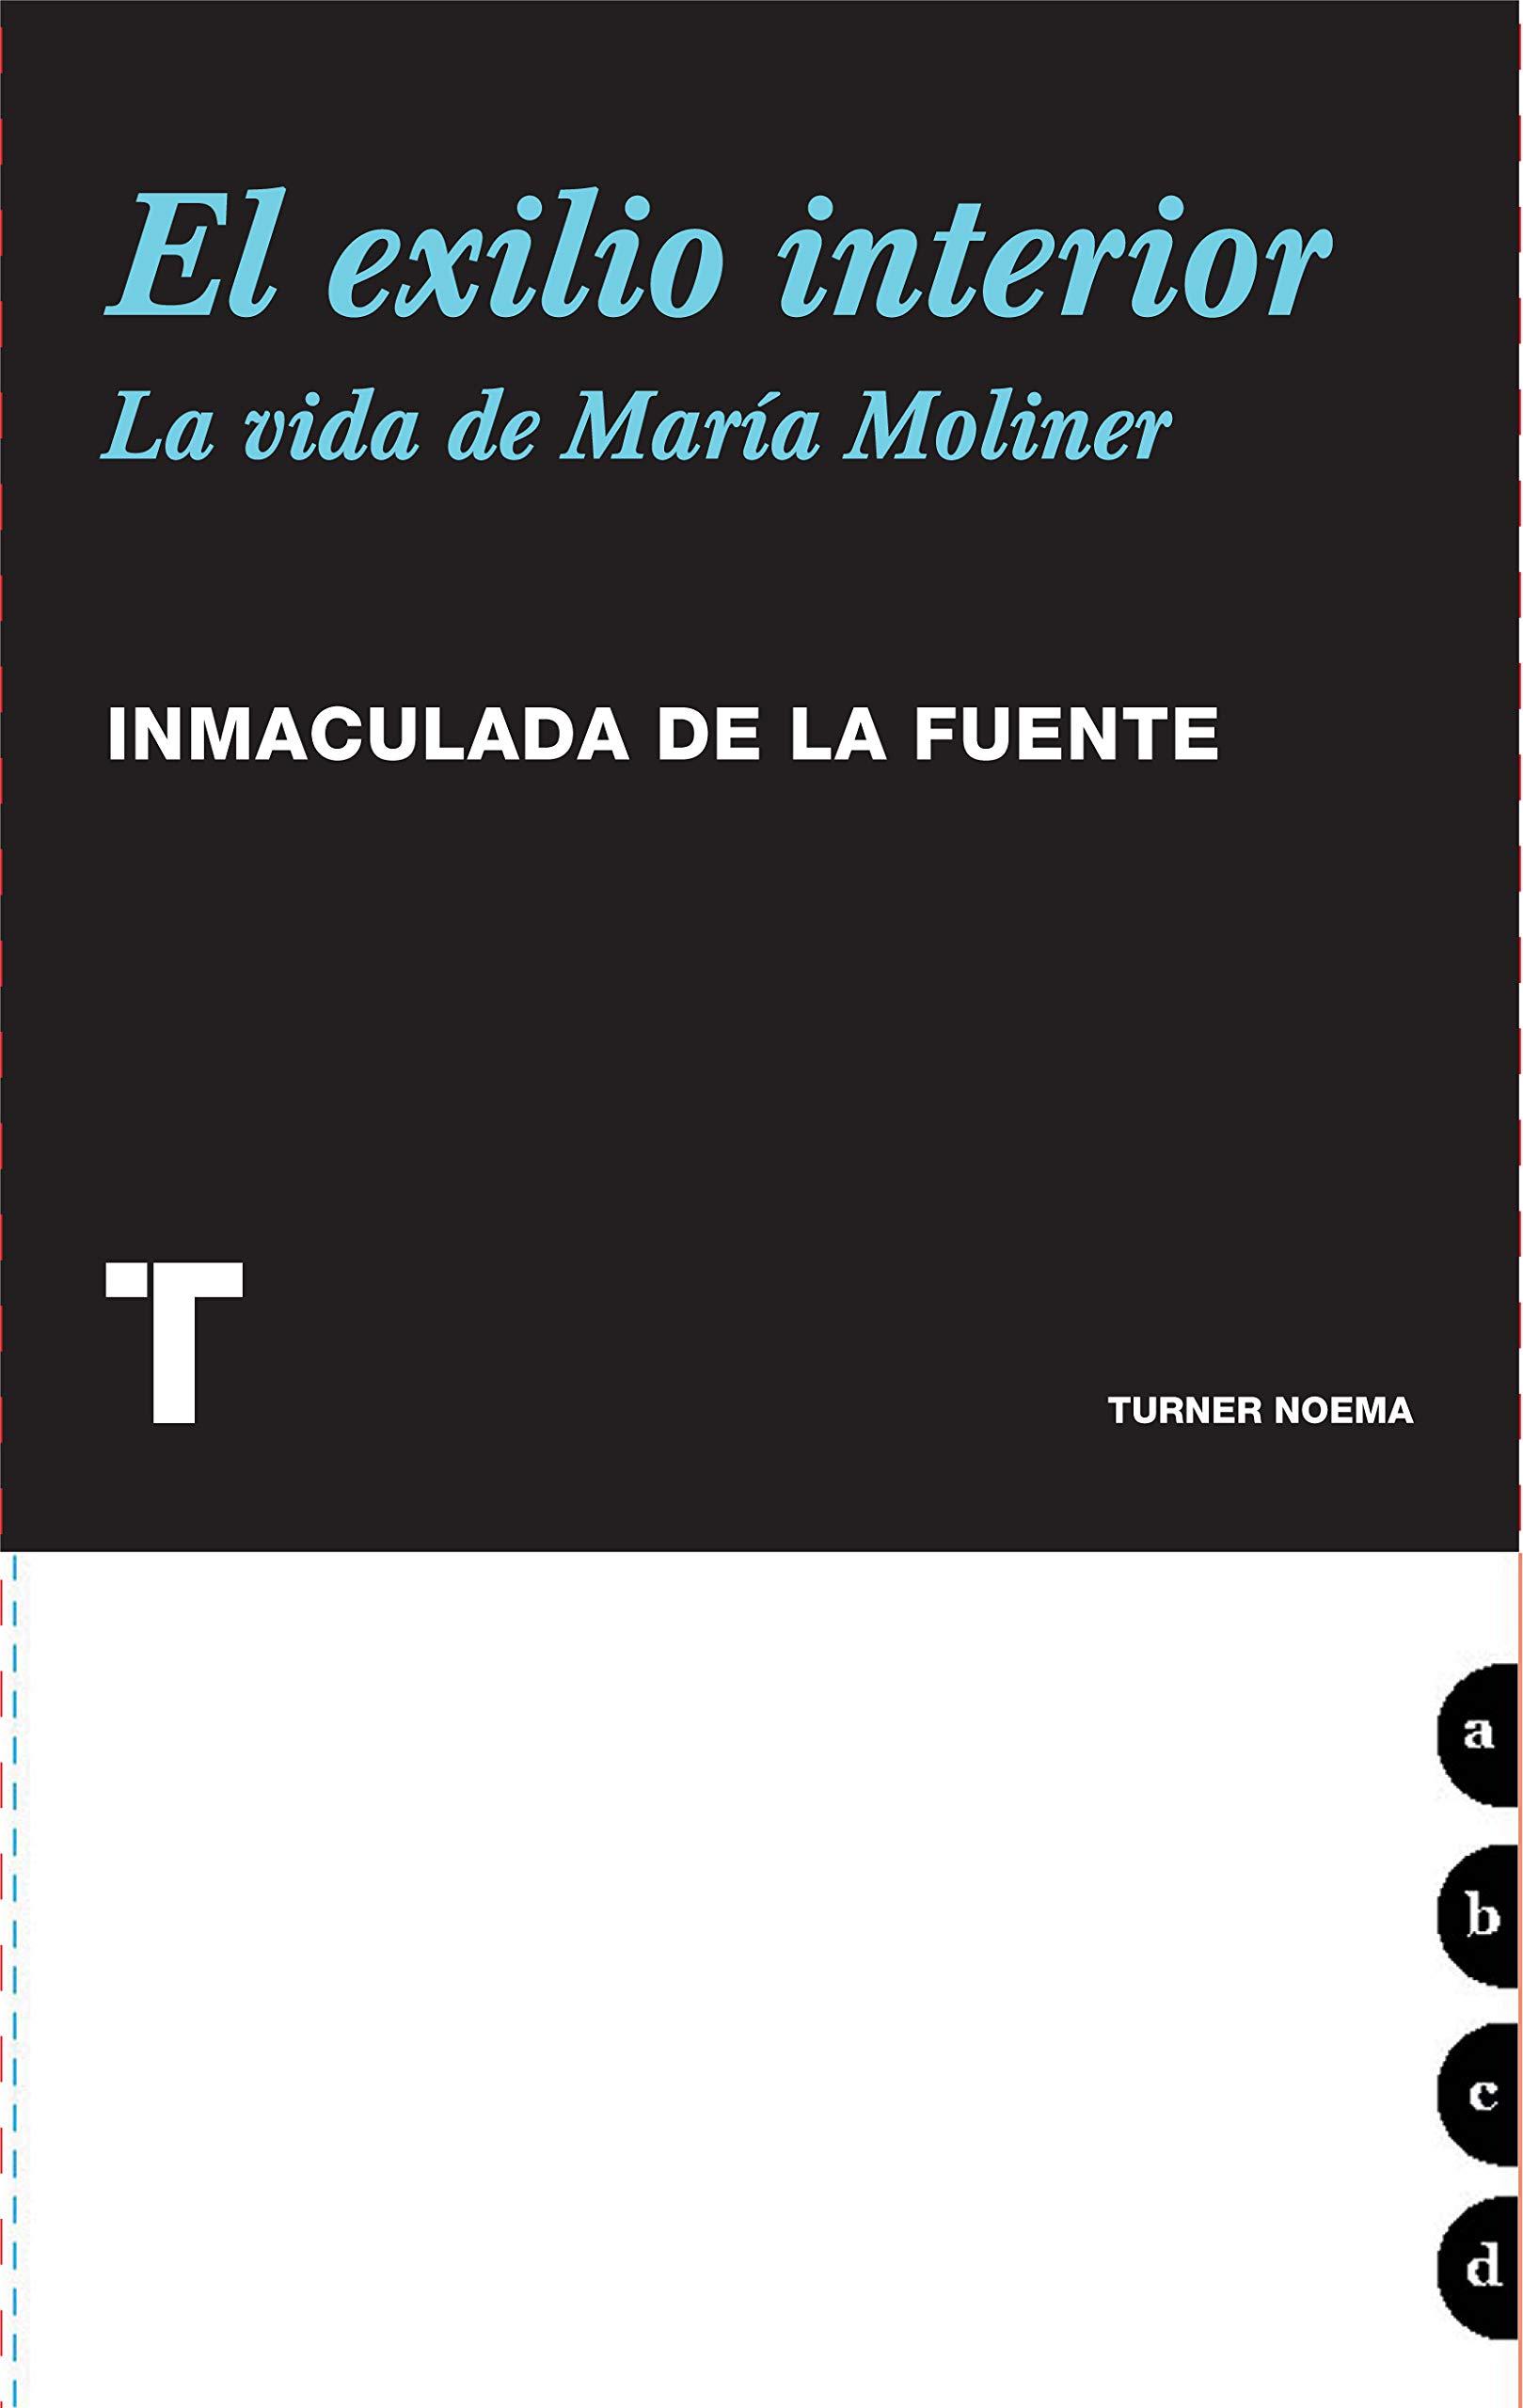 El exilio interior: La vida de María Moliner (Noema): Amazon.es: Inmaculada De La Fuente: Libros